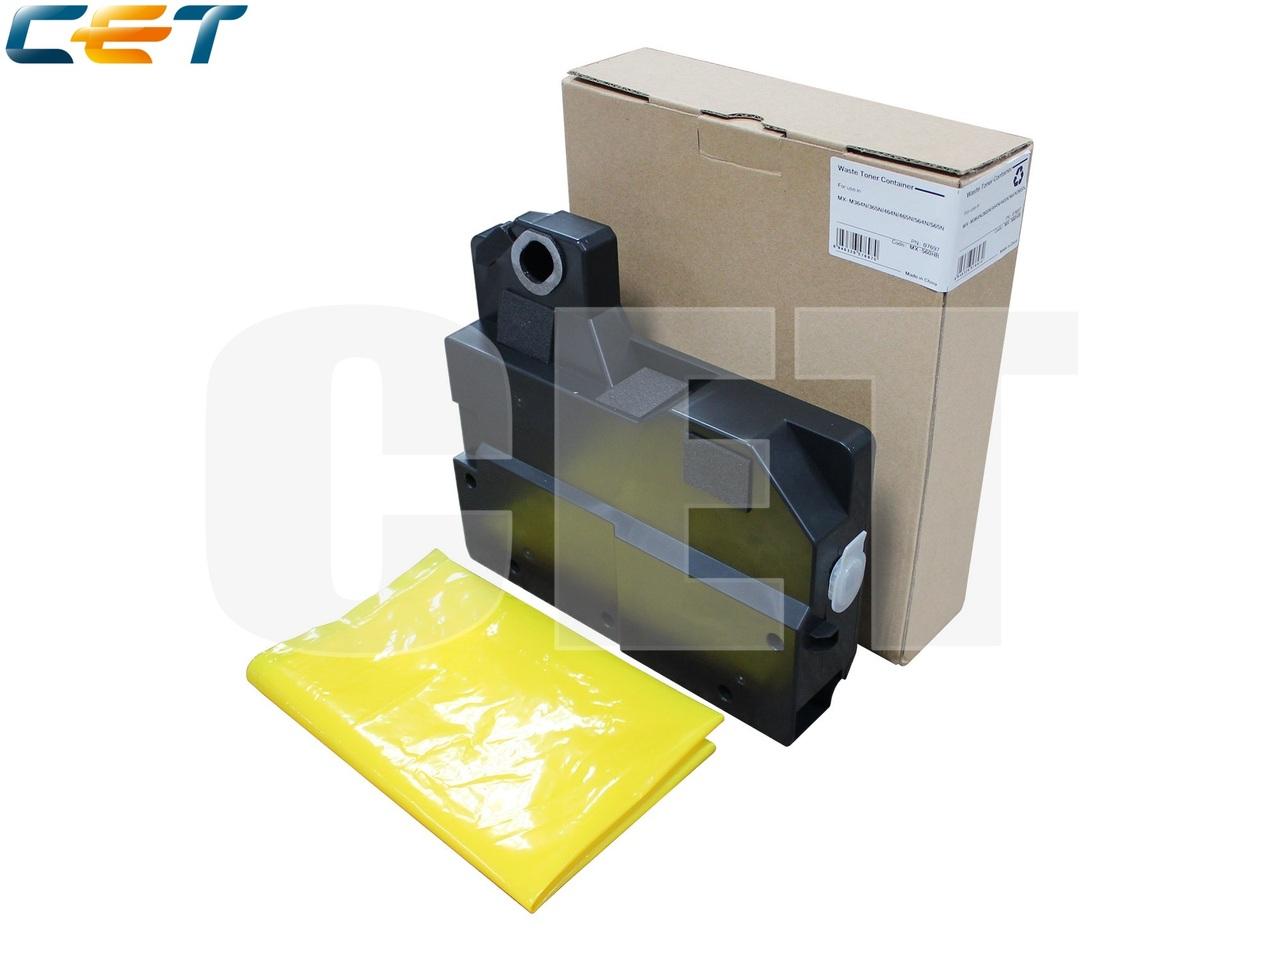 Бункер отработанного тонера MX-560HB, CBOX-0213DS51 дляSHARP MX-M364N/M365N/M464N/M465N/M564N/M565N (CET),CET7697